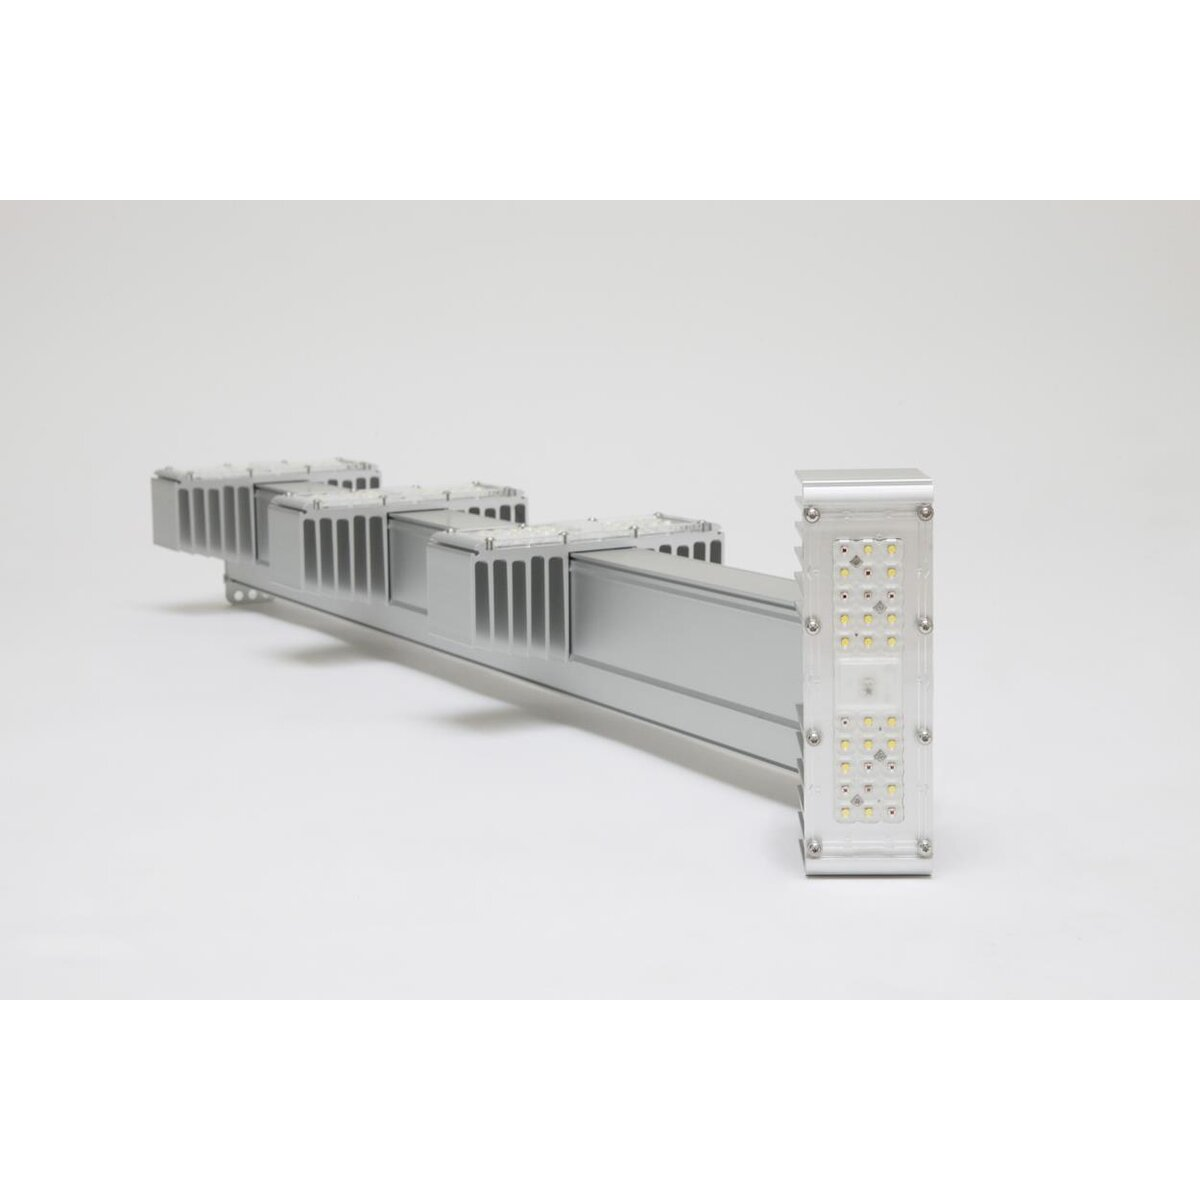 sanlight-q4wl-165w-leuchte-version-21-gen2-laenge-803mm-35stk-palette_3